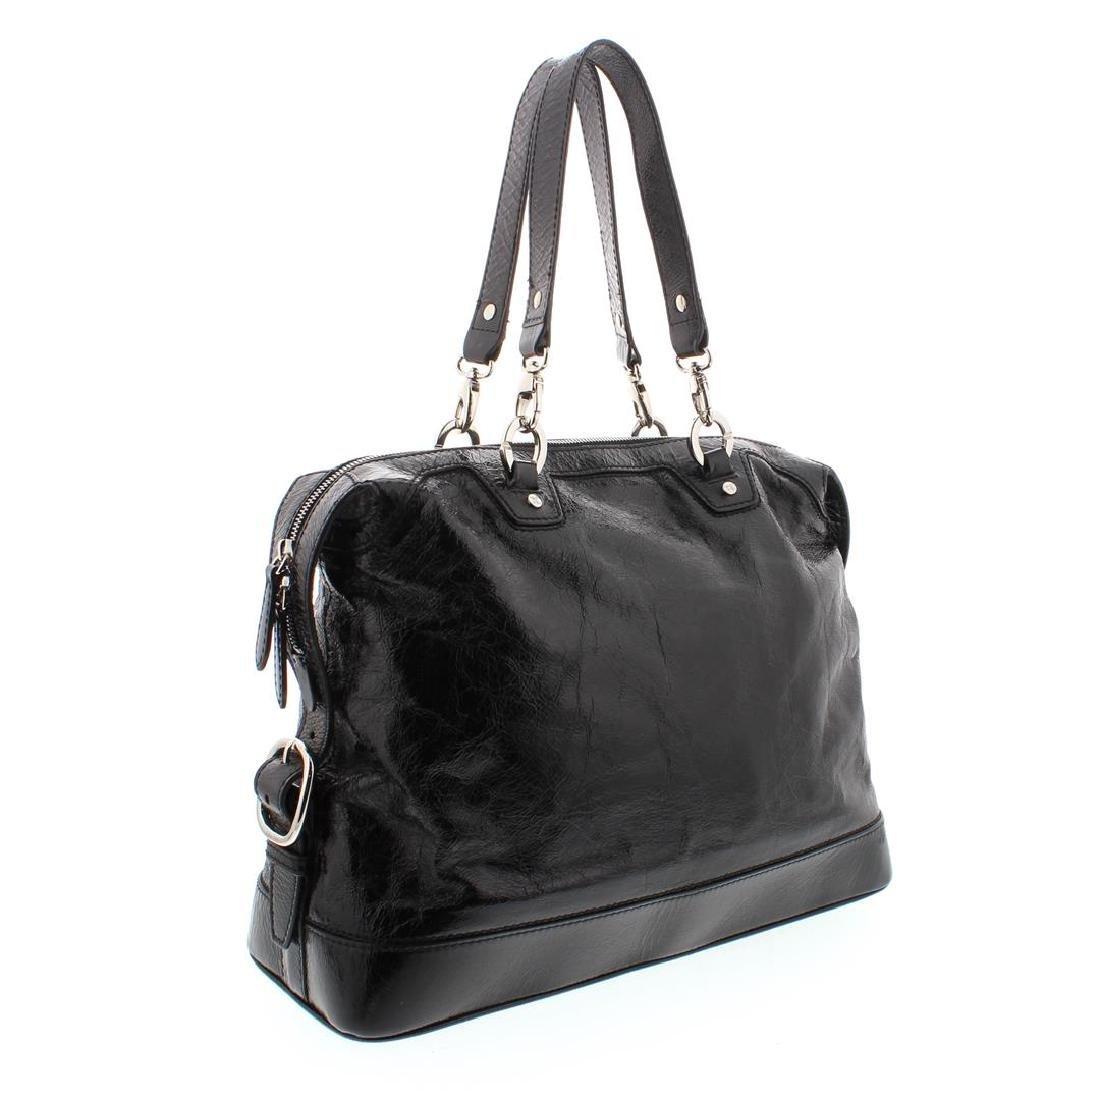 Celine Black Distressed Patent Leather Shoulder Handbag - 4